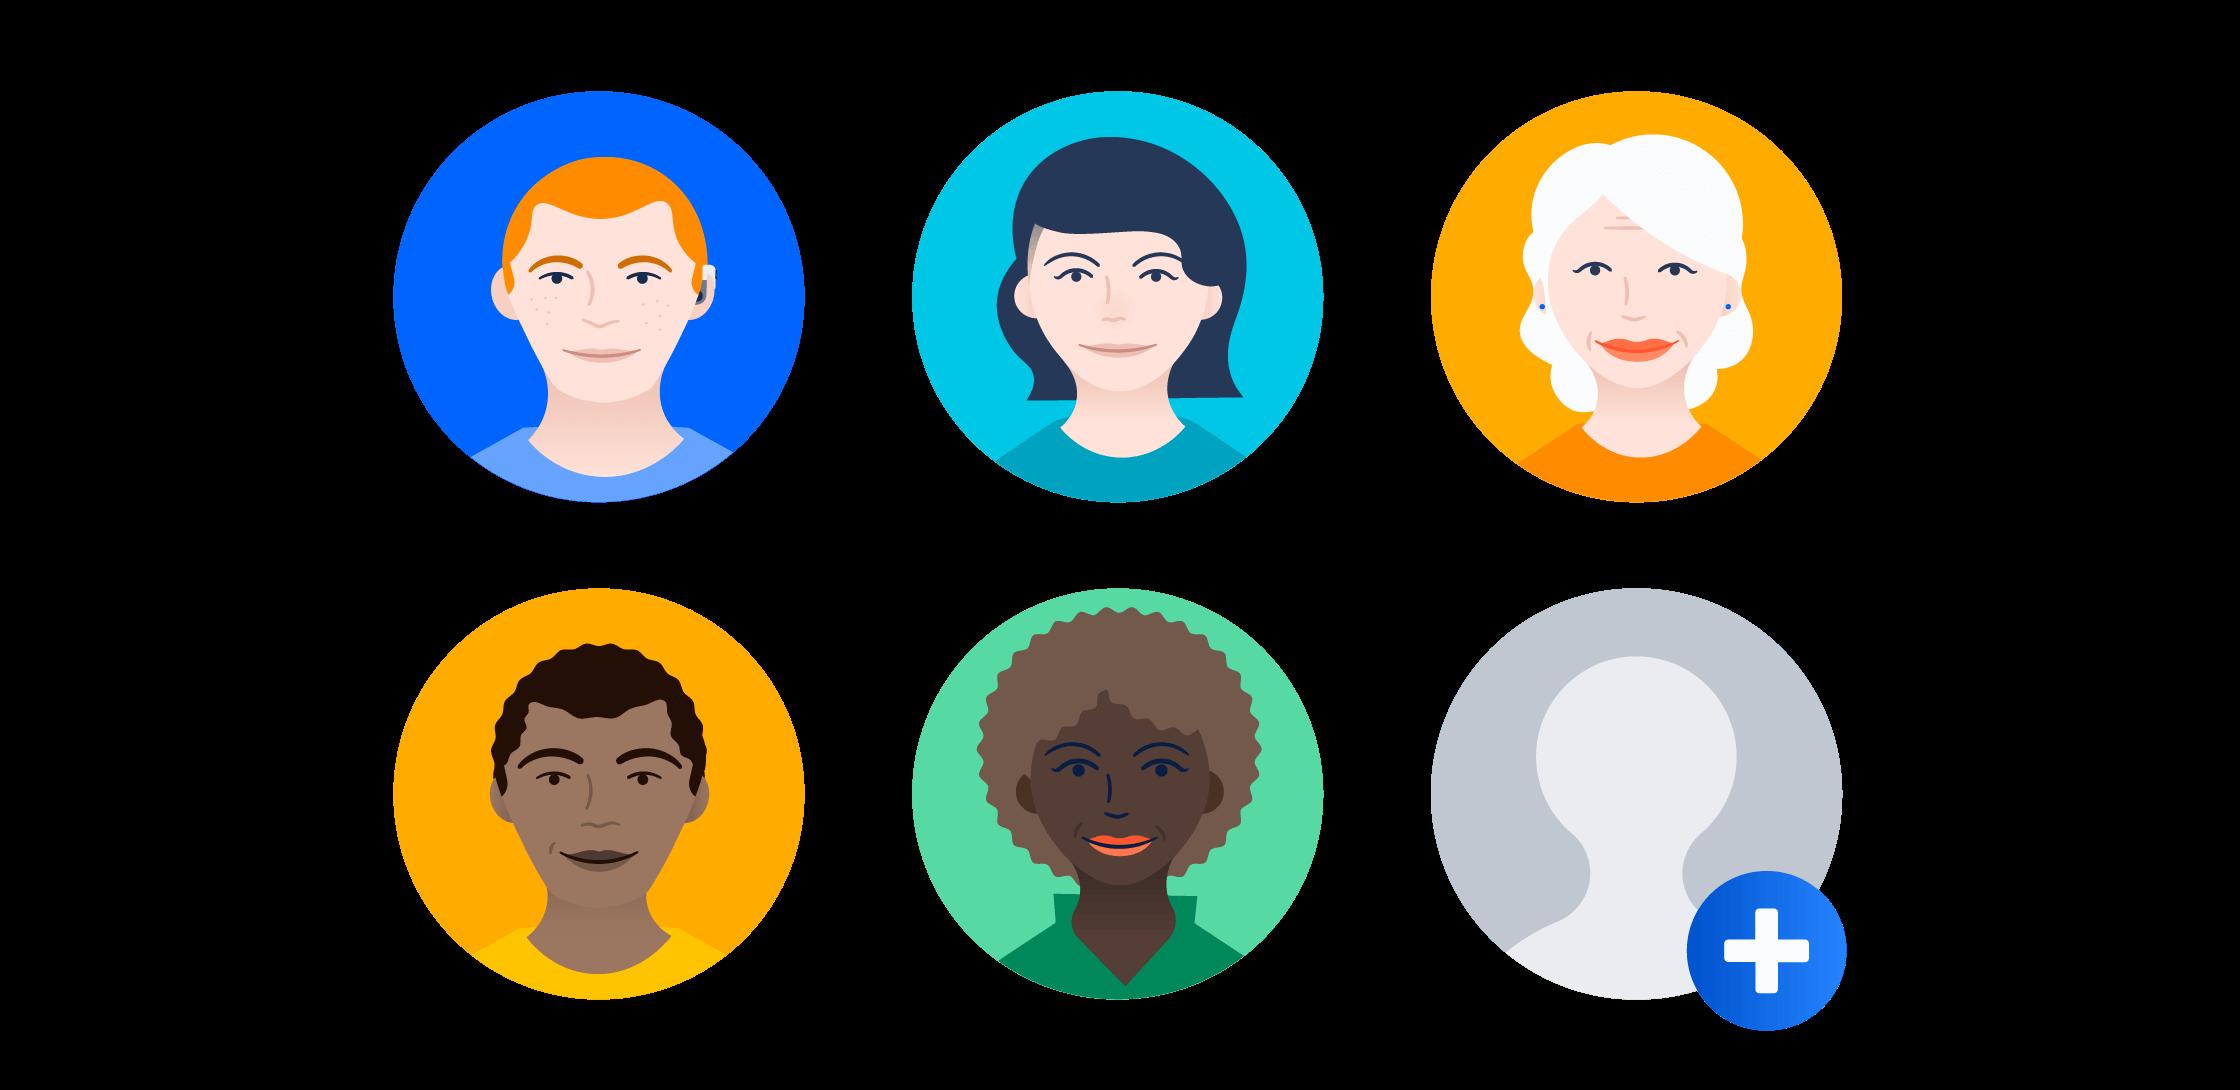 Group of meeple avatars